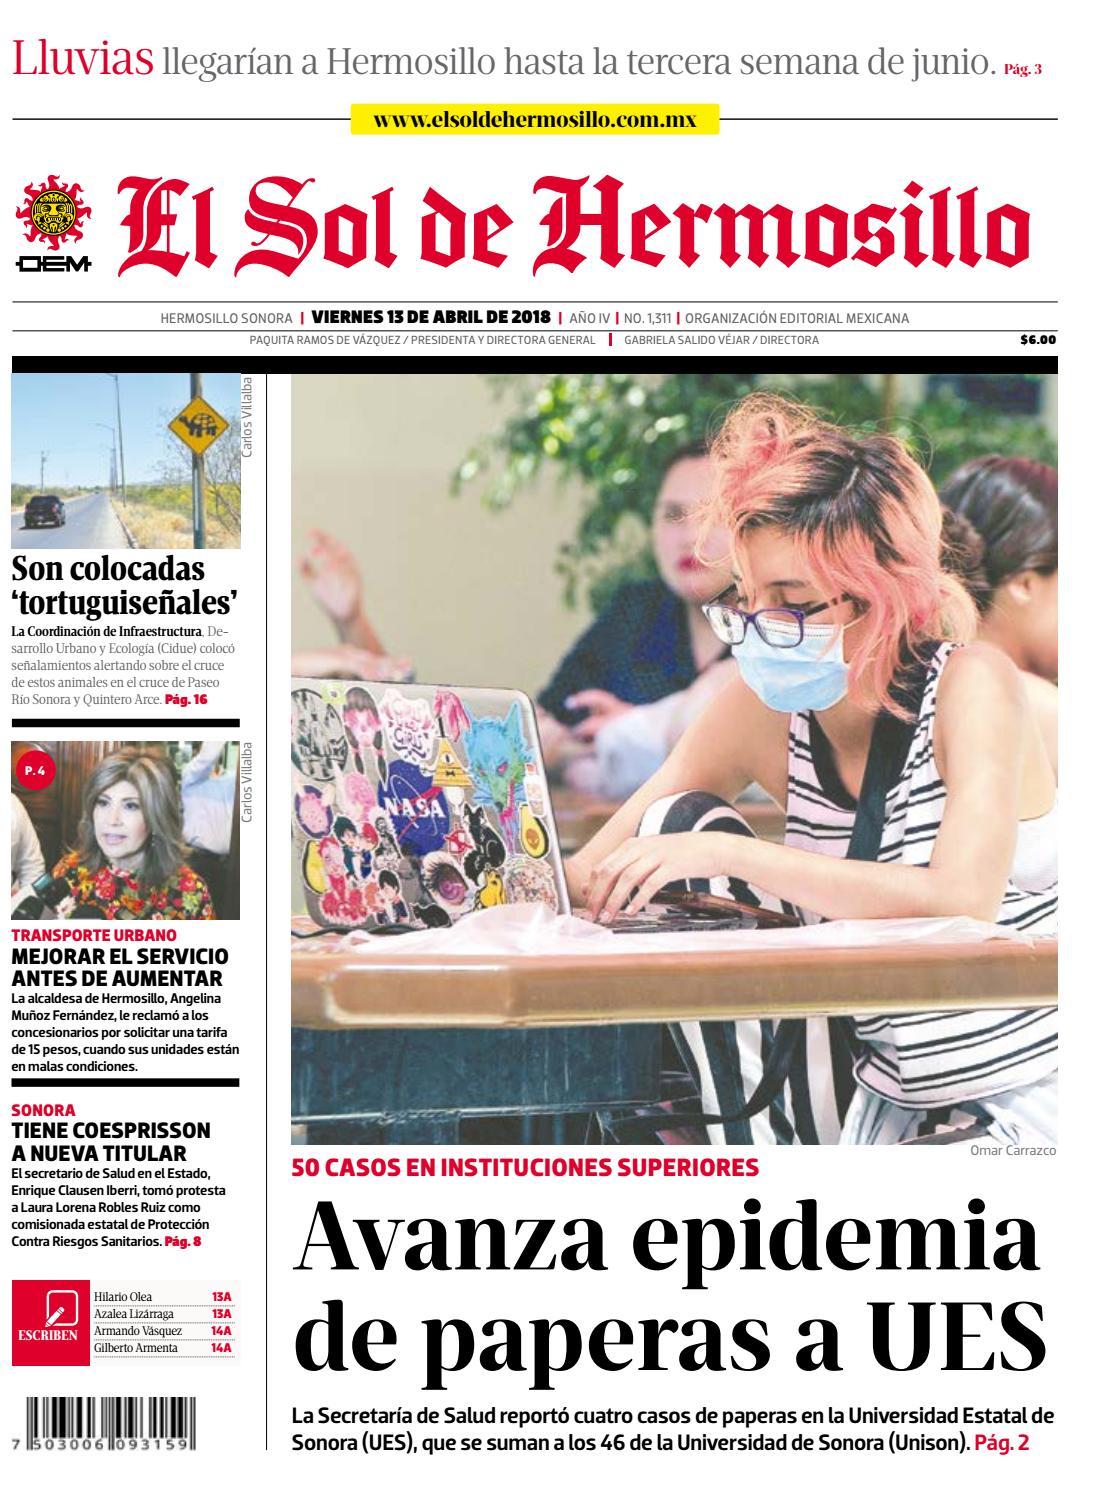 Edición impresa 13 de abril 2018 by El Sol de Hermosillo - issuu